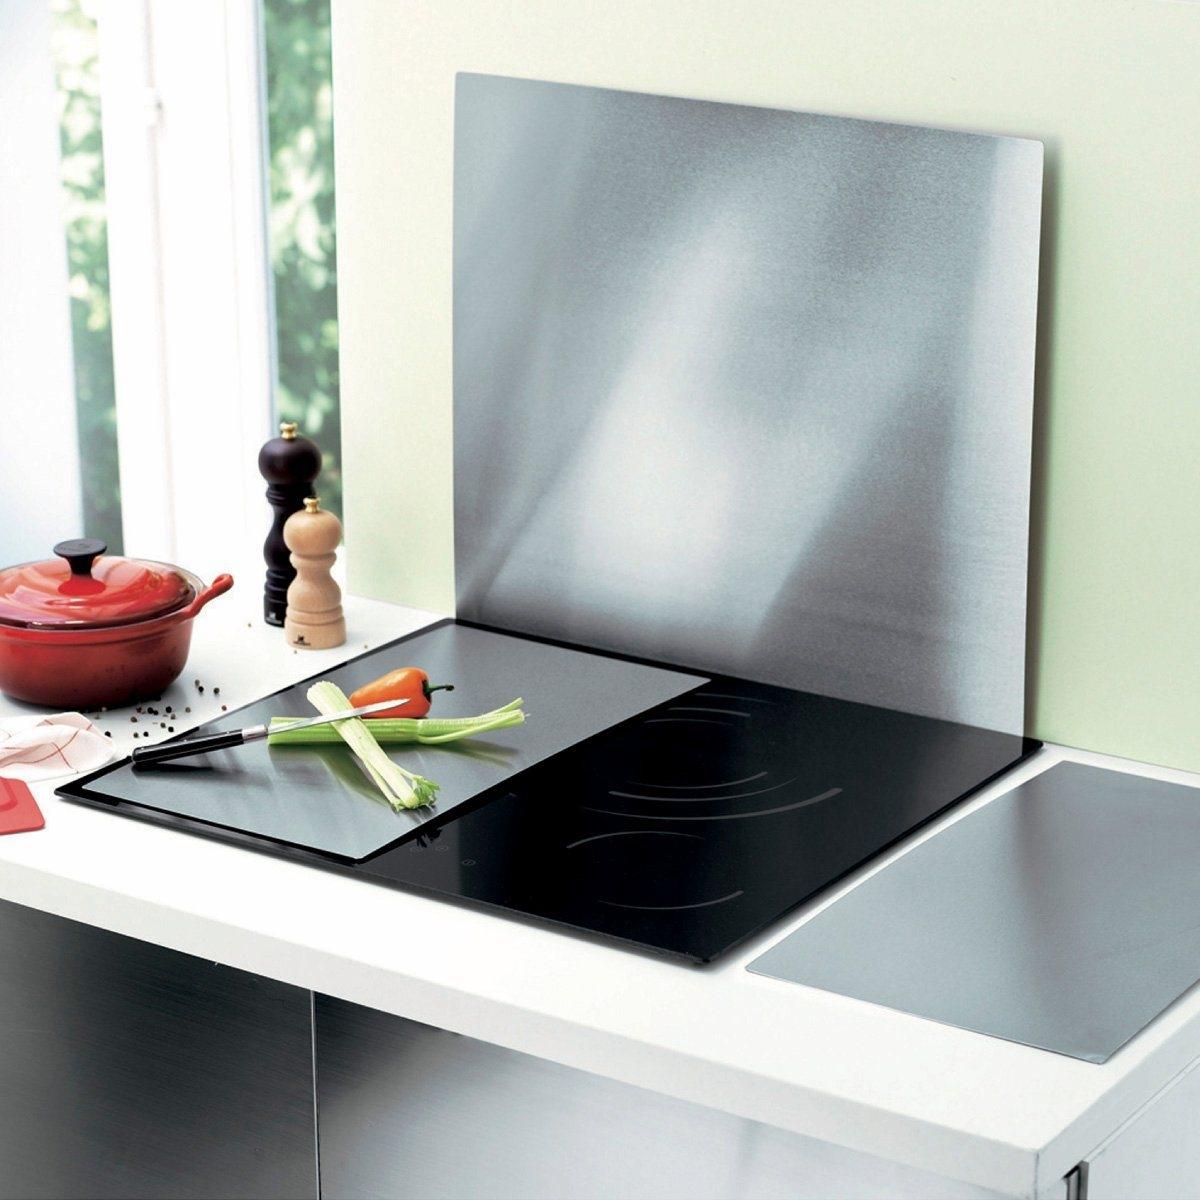 2 панели для плитыЗащитите стеклокерамическую или индукционную варочную панель от ударов и царапин! Простые в использовании панели увеличат полезное пространство рабочего места. Из нержавеющей стали с потертым эффектом. Размер: 48,5 х 27 х 0,08 см.<br><br>Цвет: серый стальной